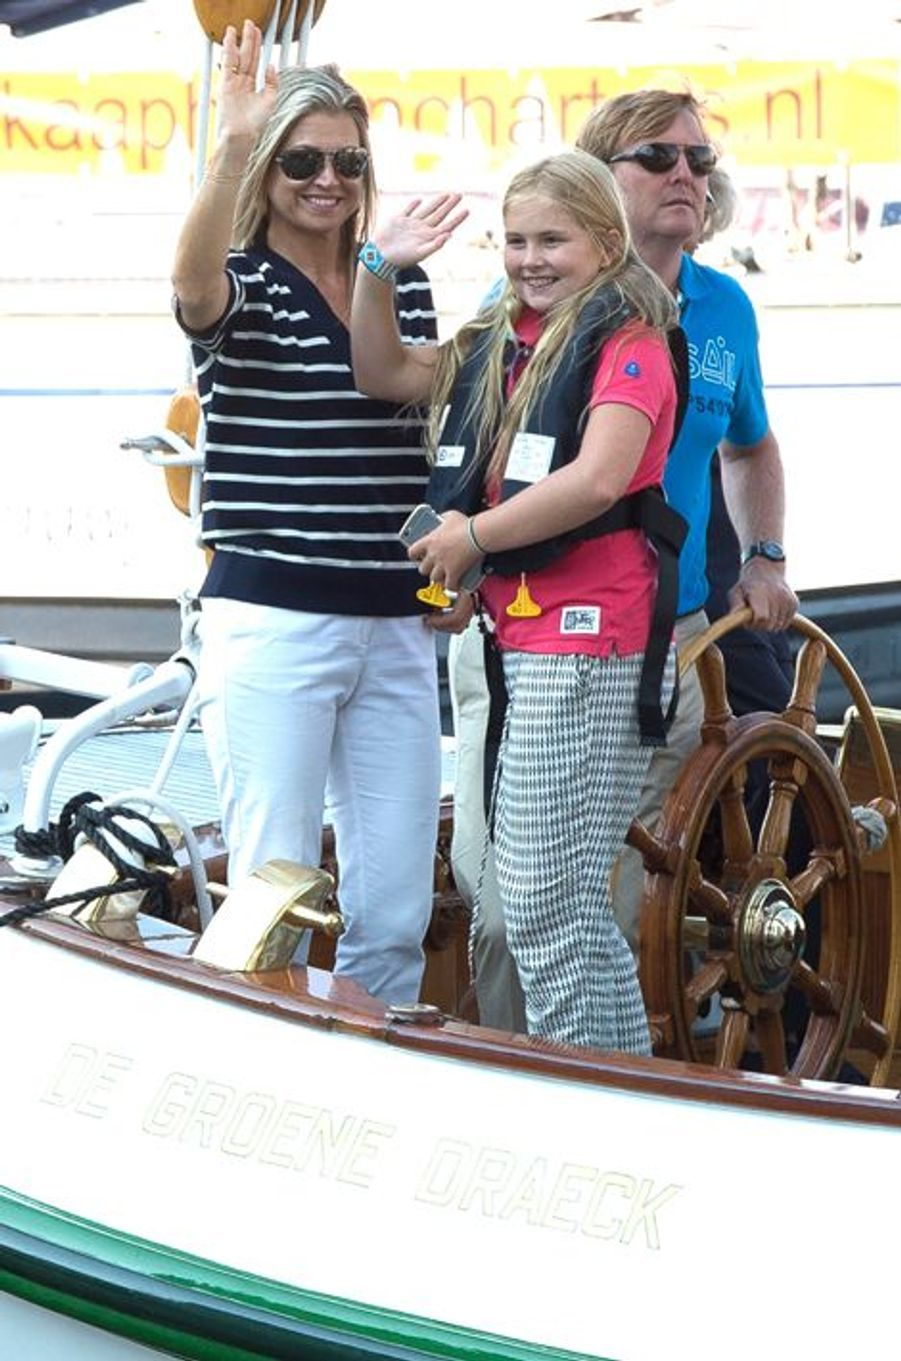 La reine Maxima et le roi Willem-Alexander des Pays-Bas avec la princesse Catharina-Amalia au Sail Amsterdam, le 22 août 2015